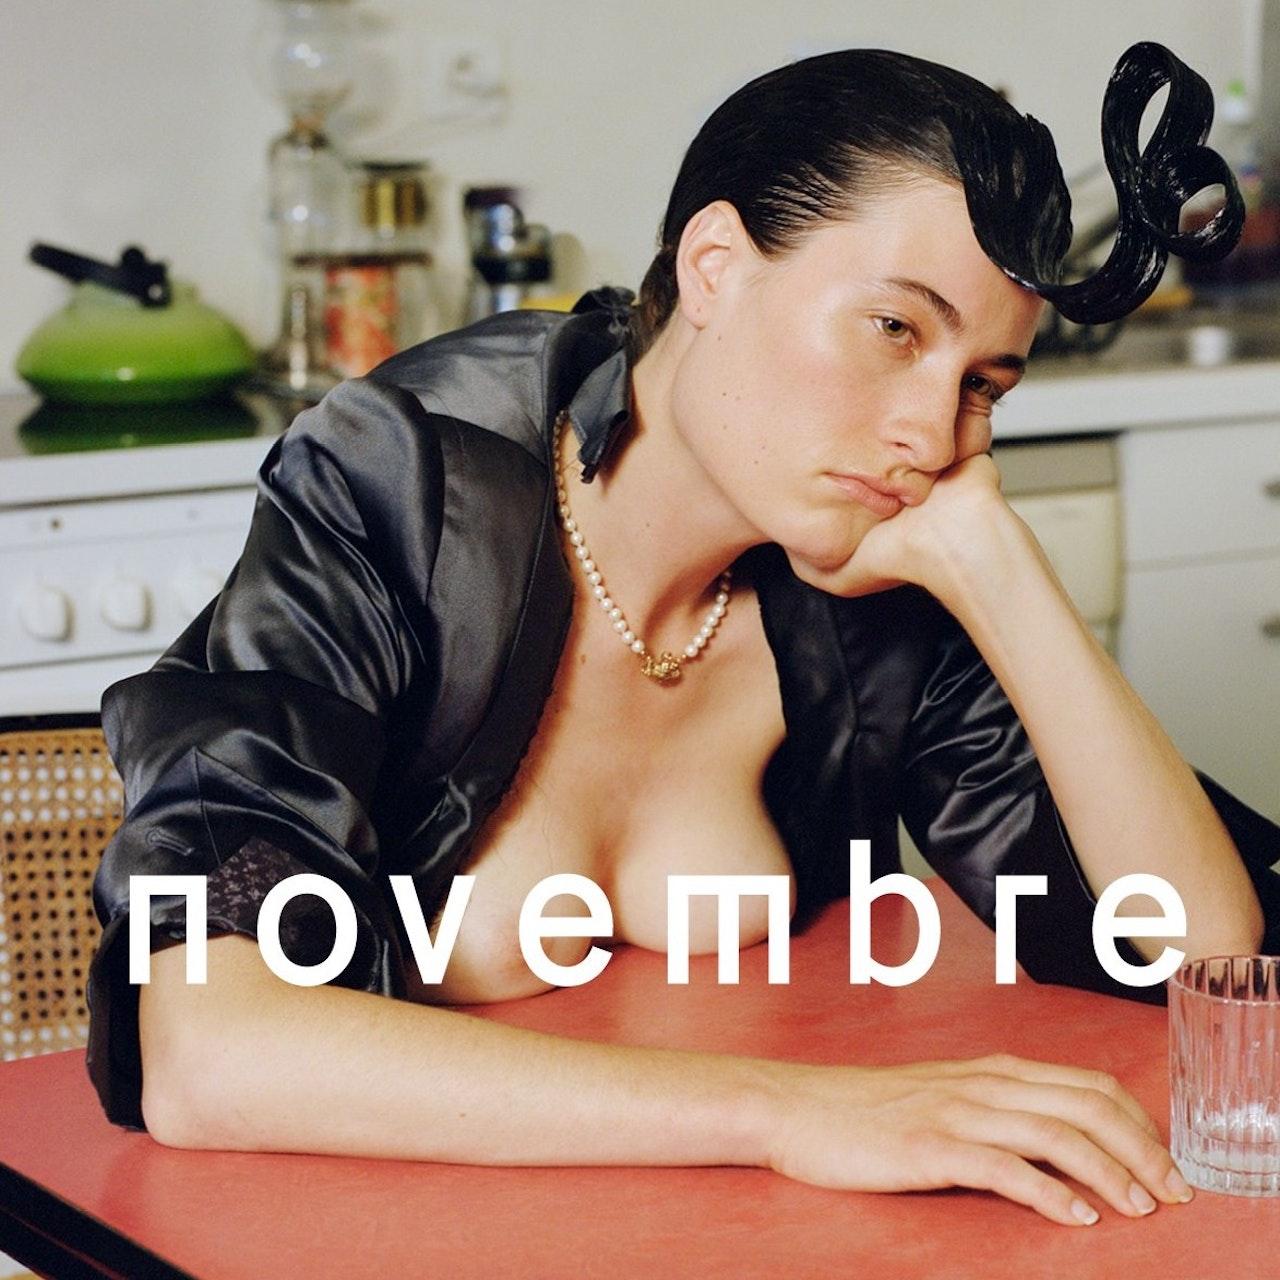 Novembre Magazine x Lil Miquela